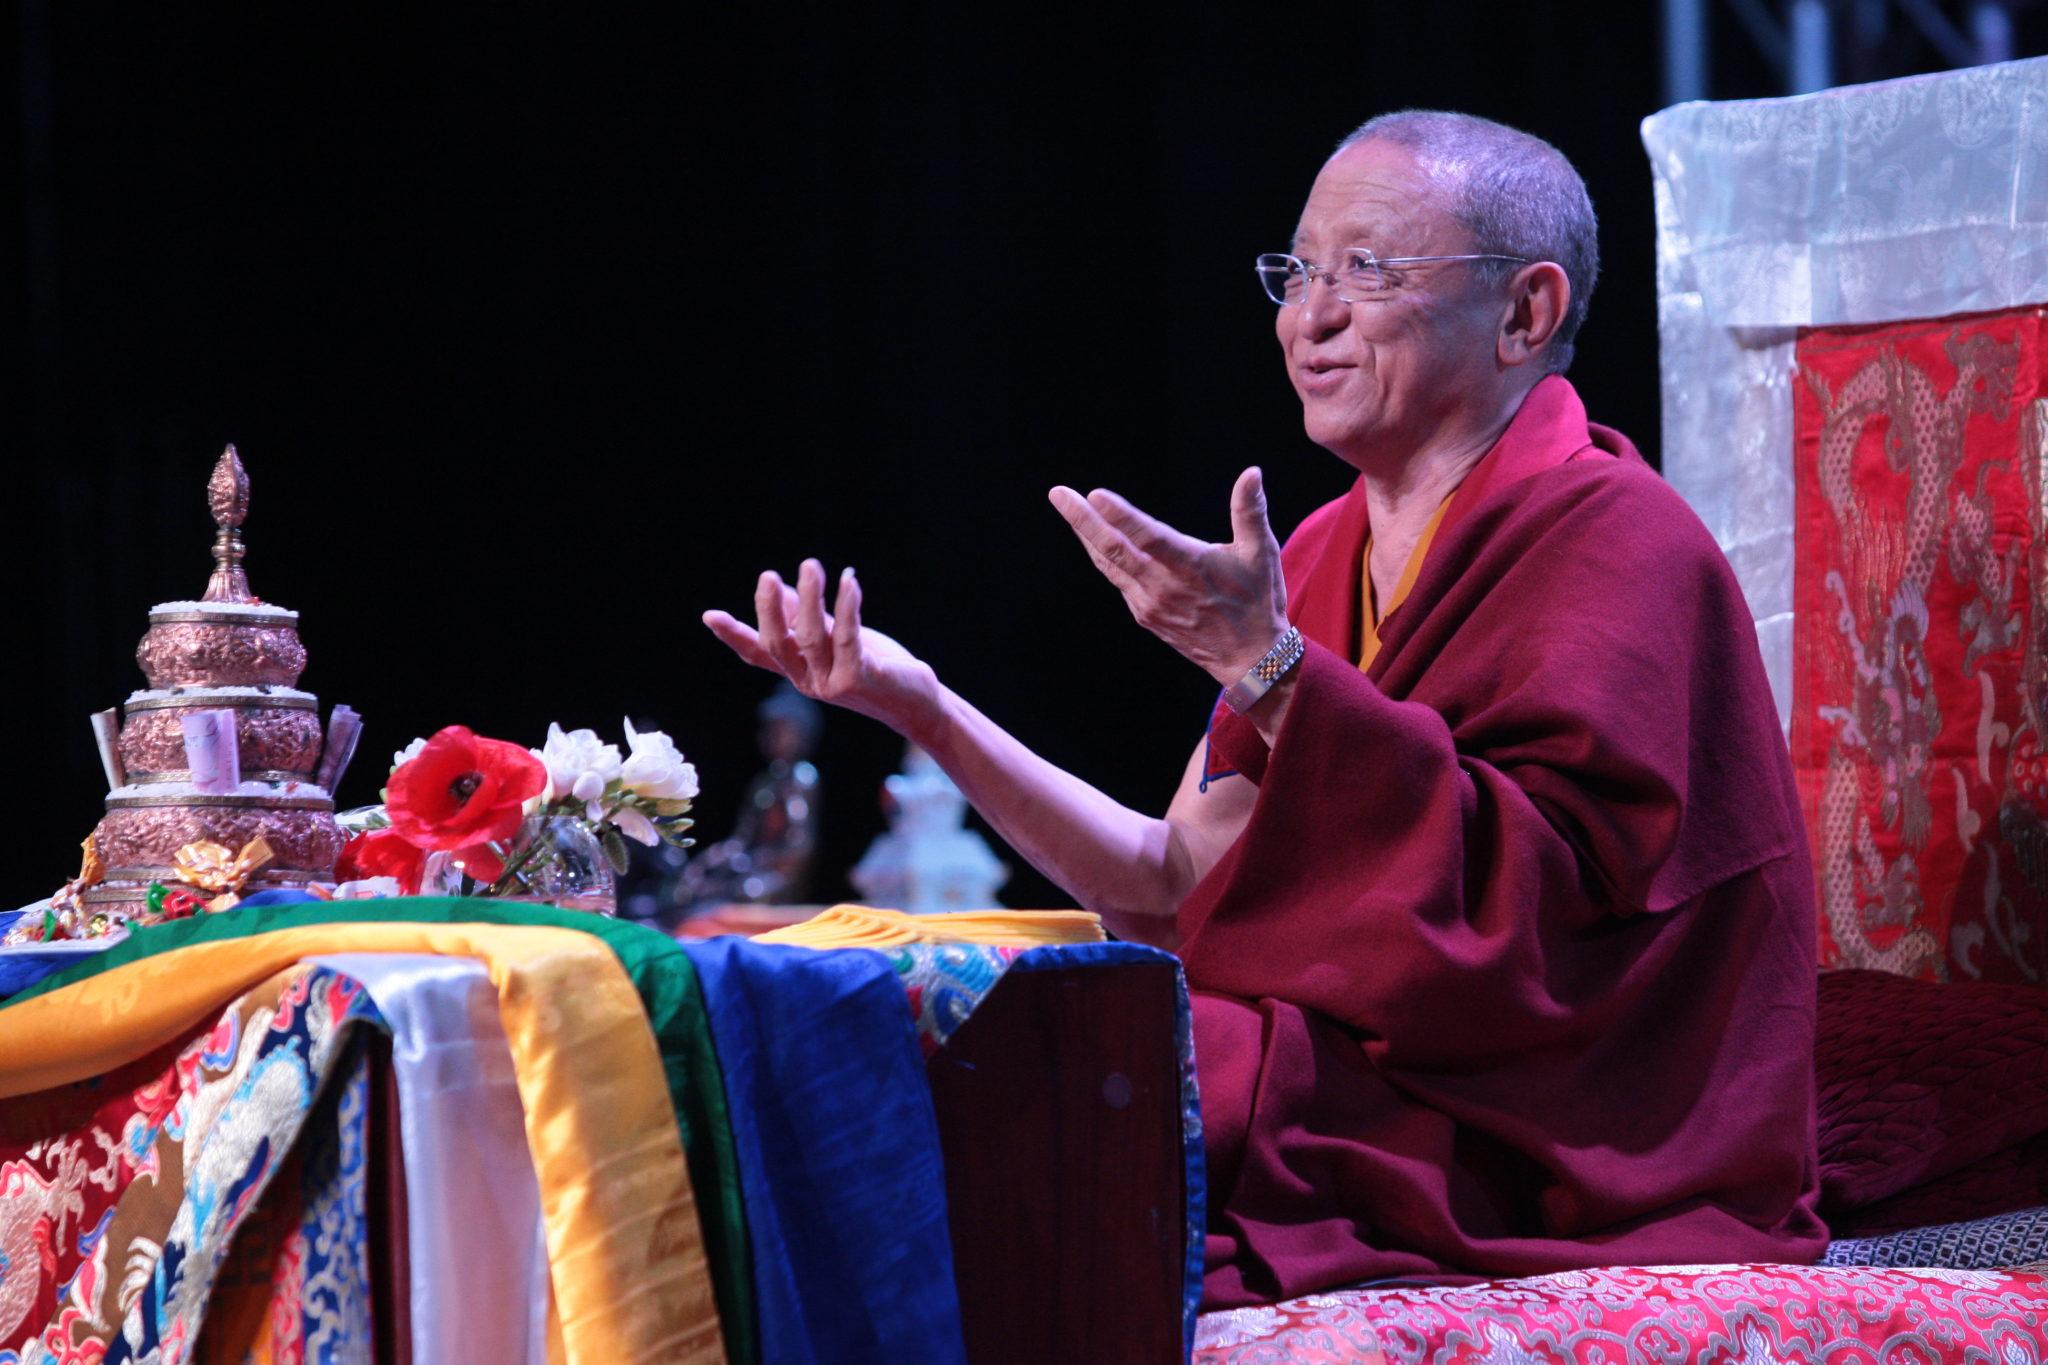 Chokyi Nyima Rinpoche